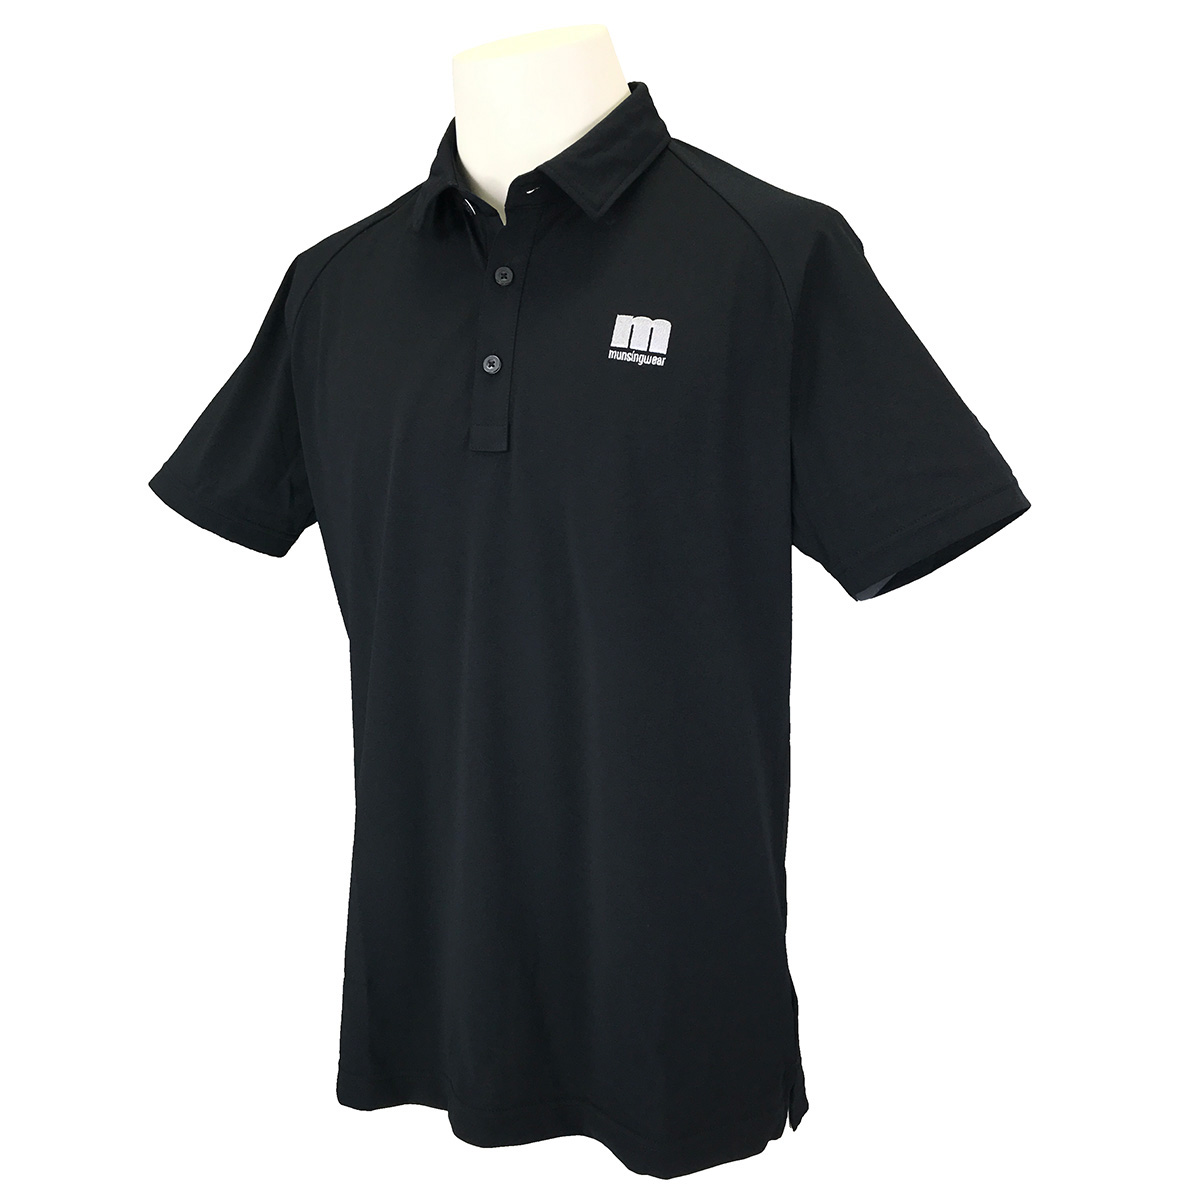 ENVOY バックロゴENVOYカッティング ストレッチ 半袖ポロシャツ